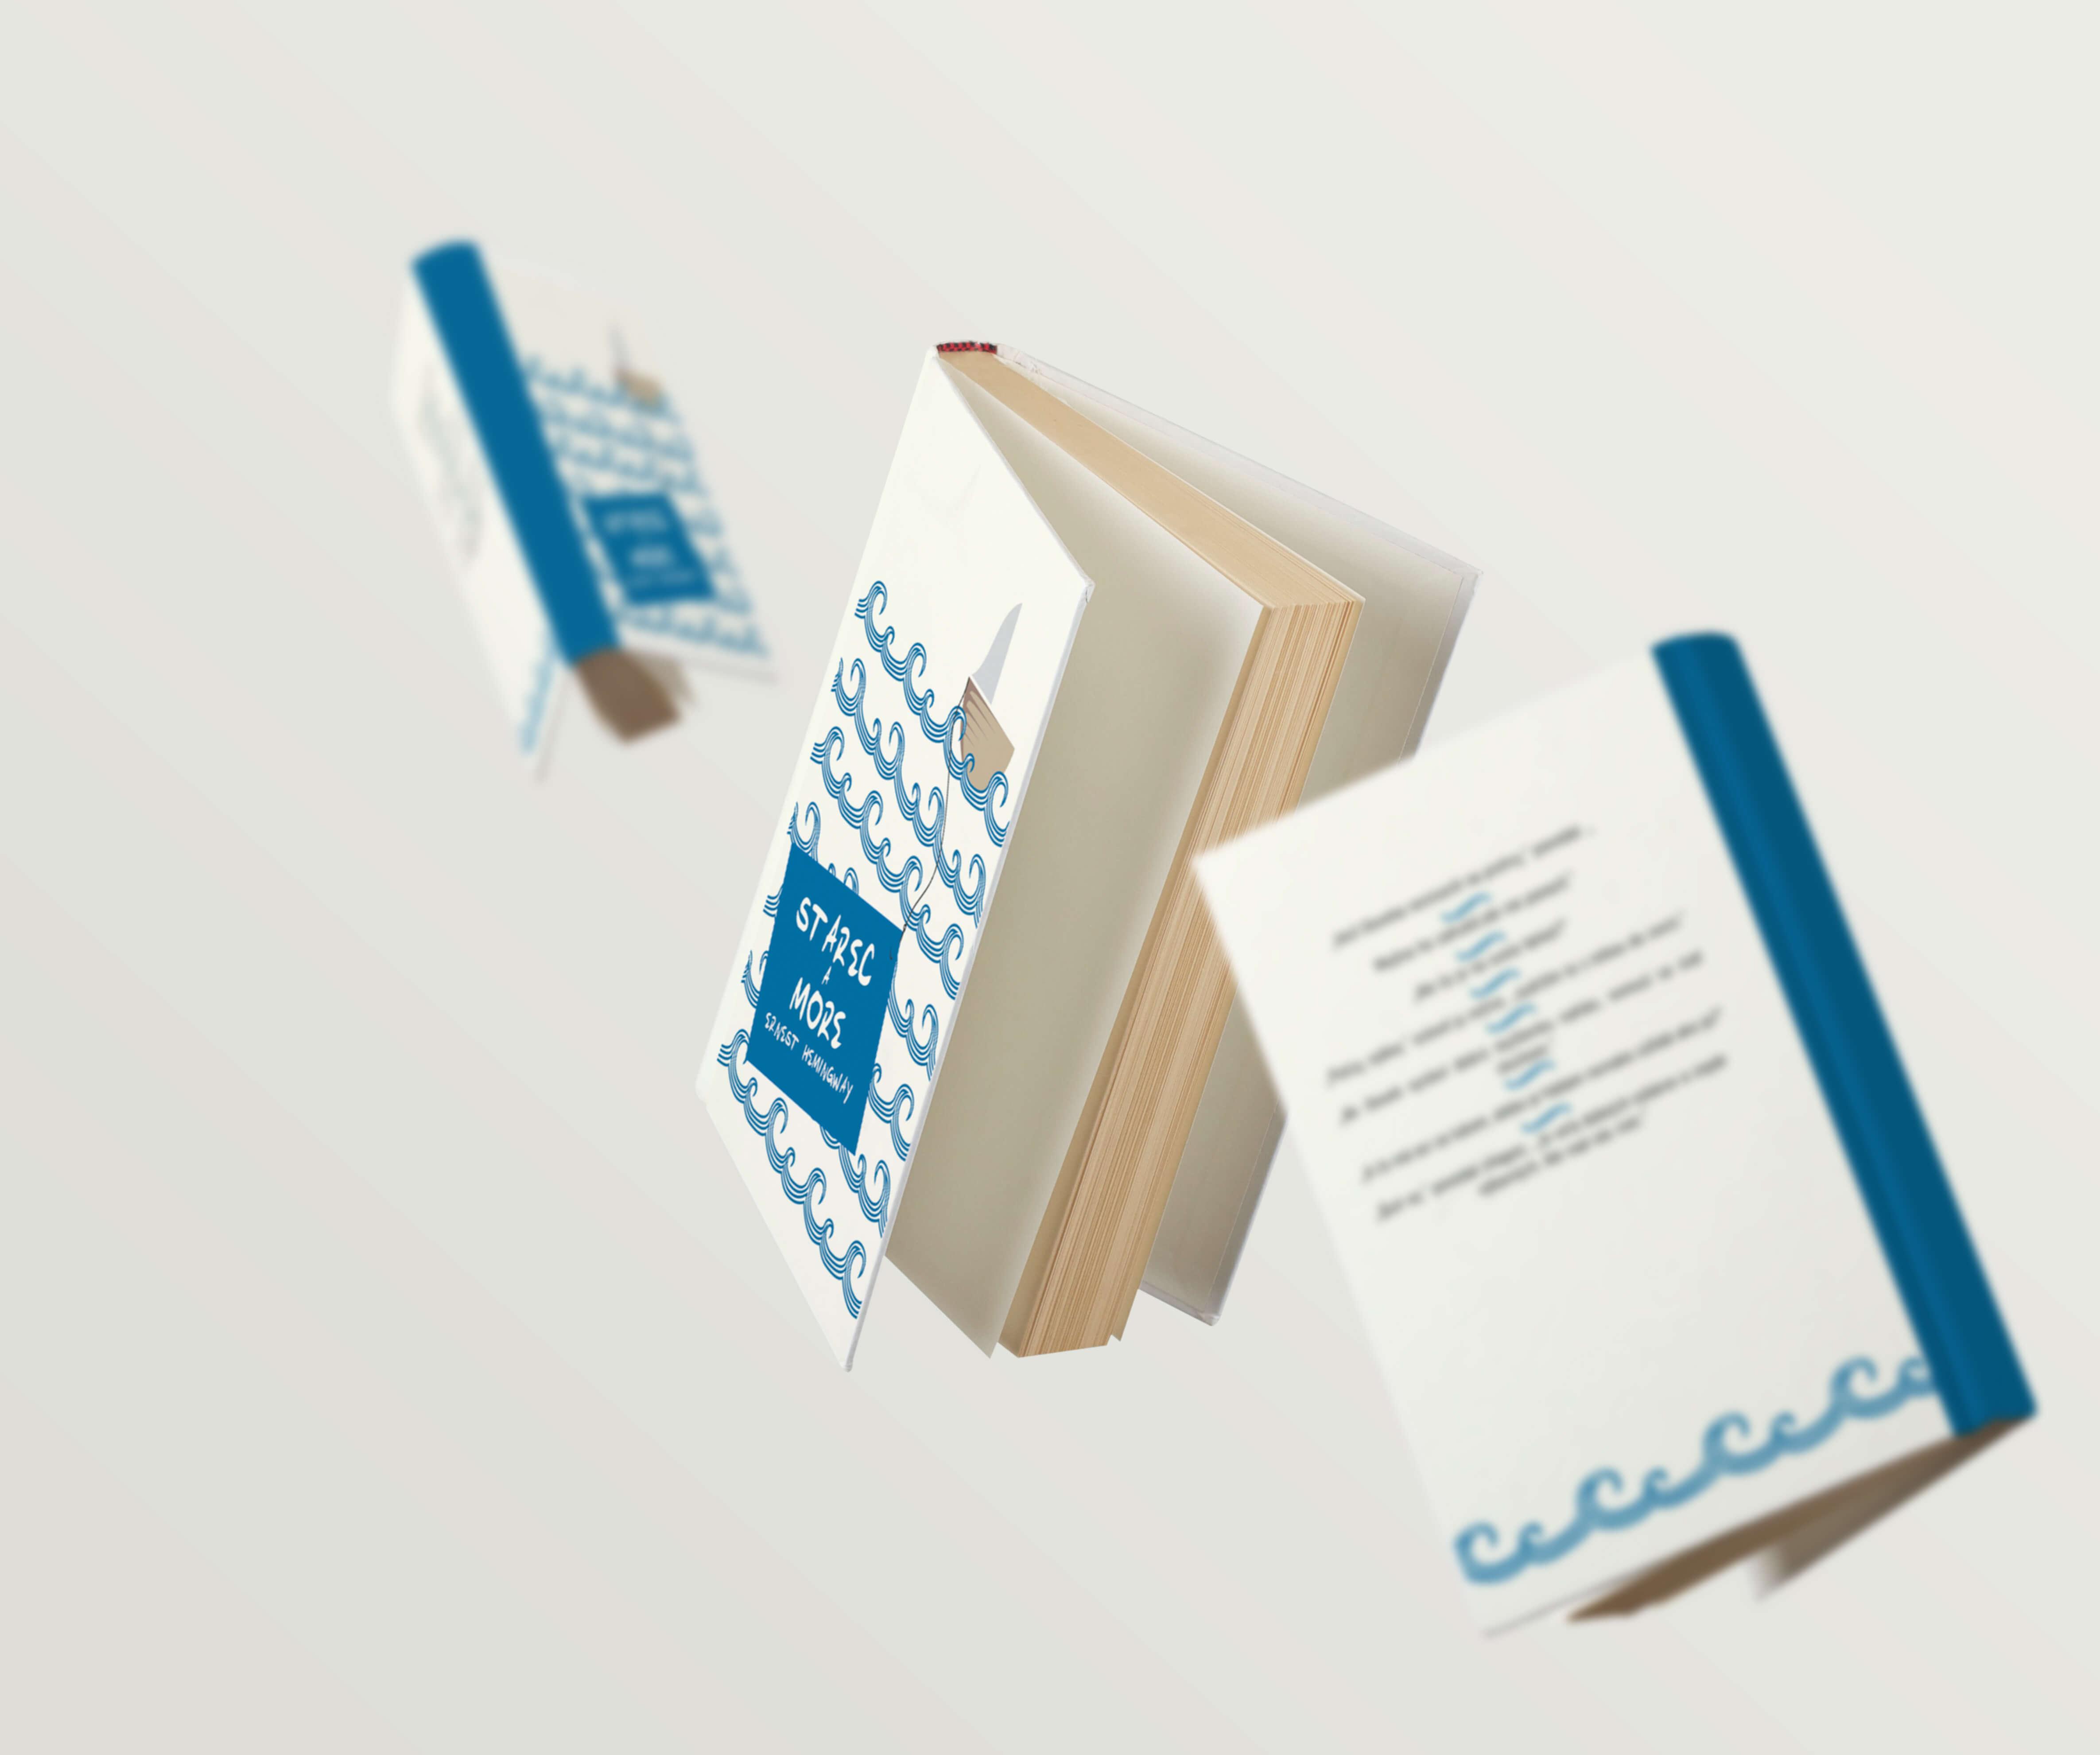 Levitující knížky, které mají na obalu kreslené vlny a název a autora knížky.